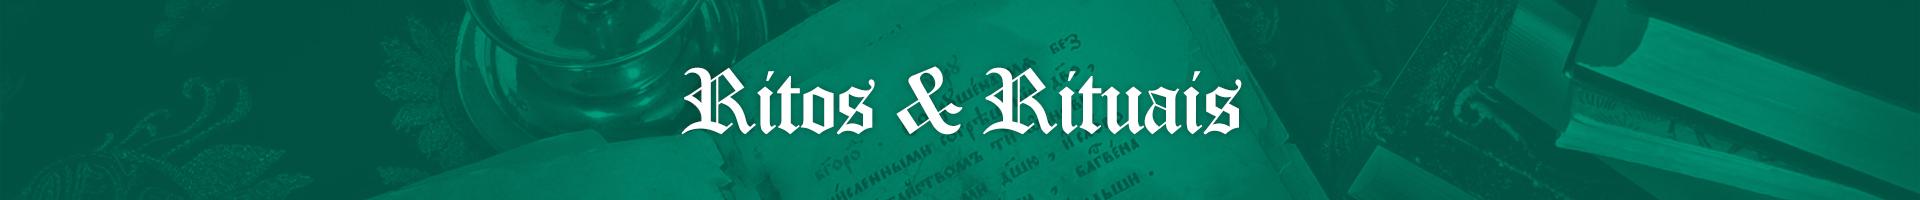 Ritos e Rituais